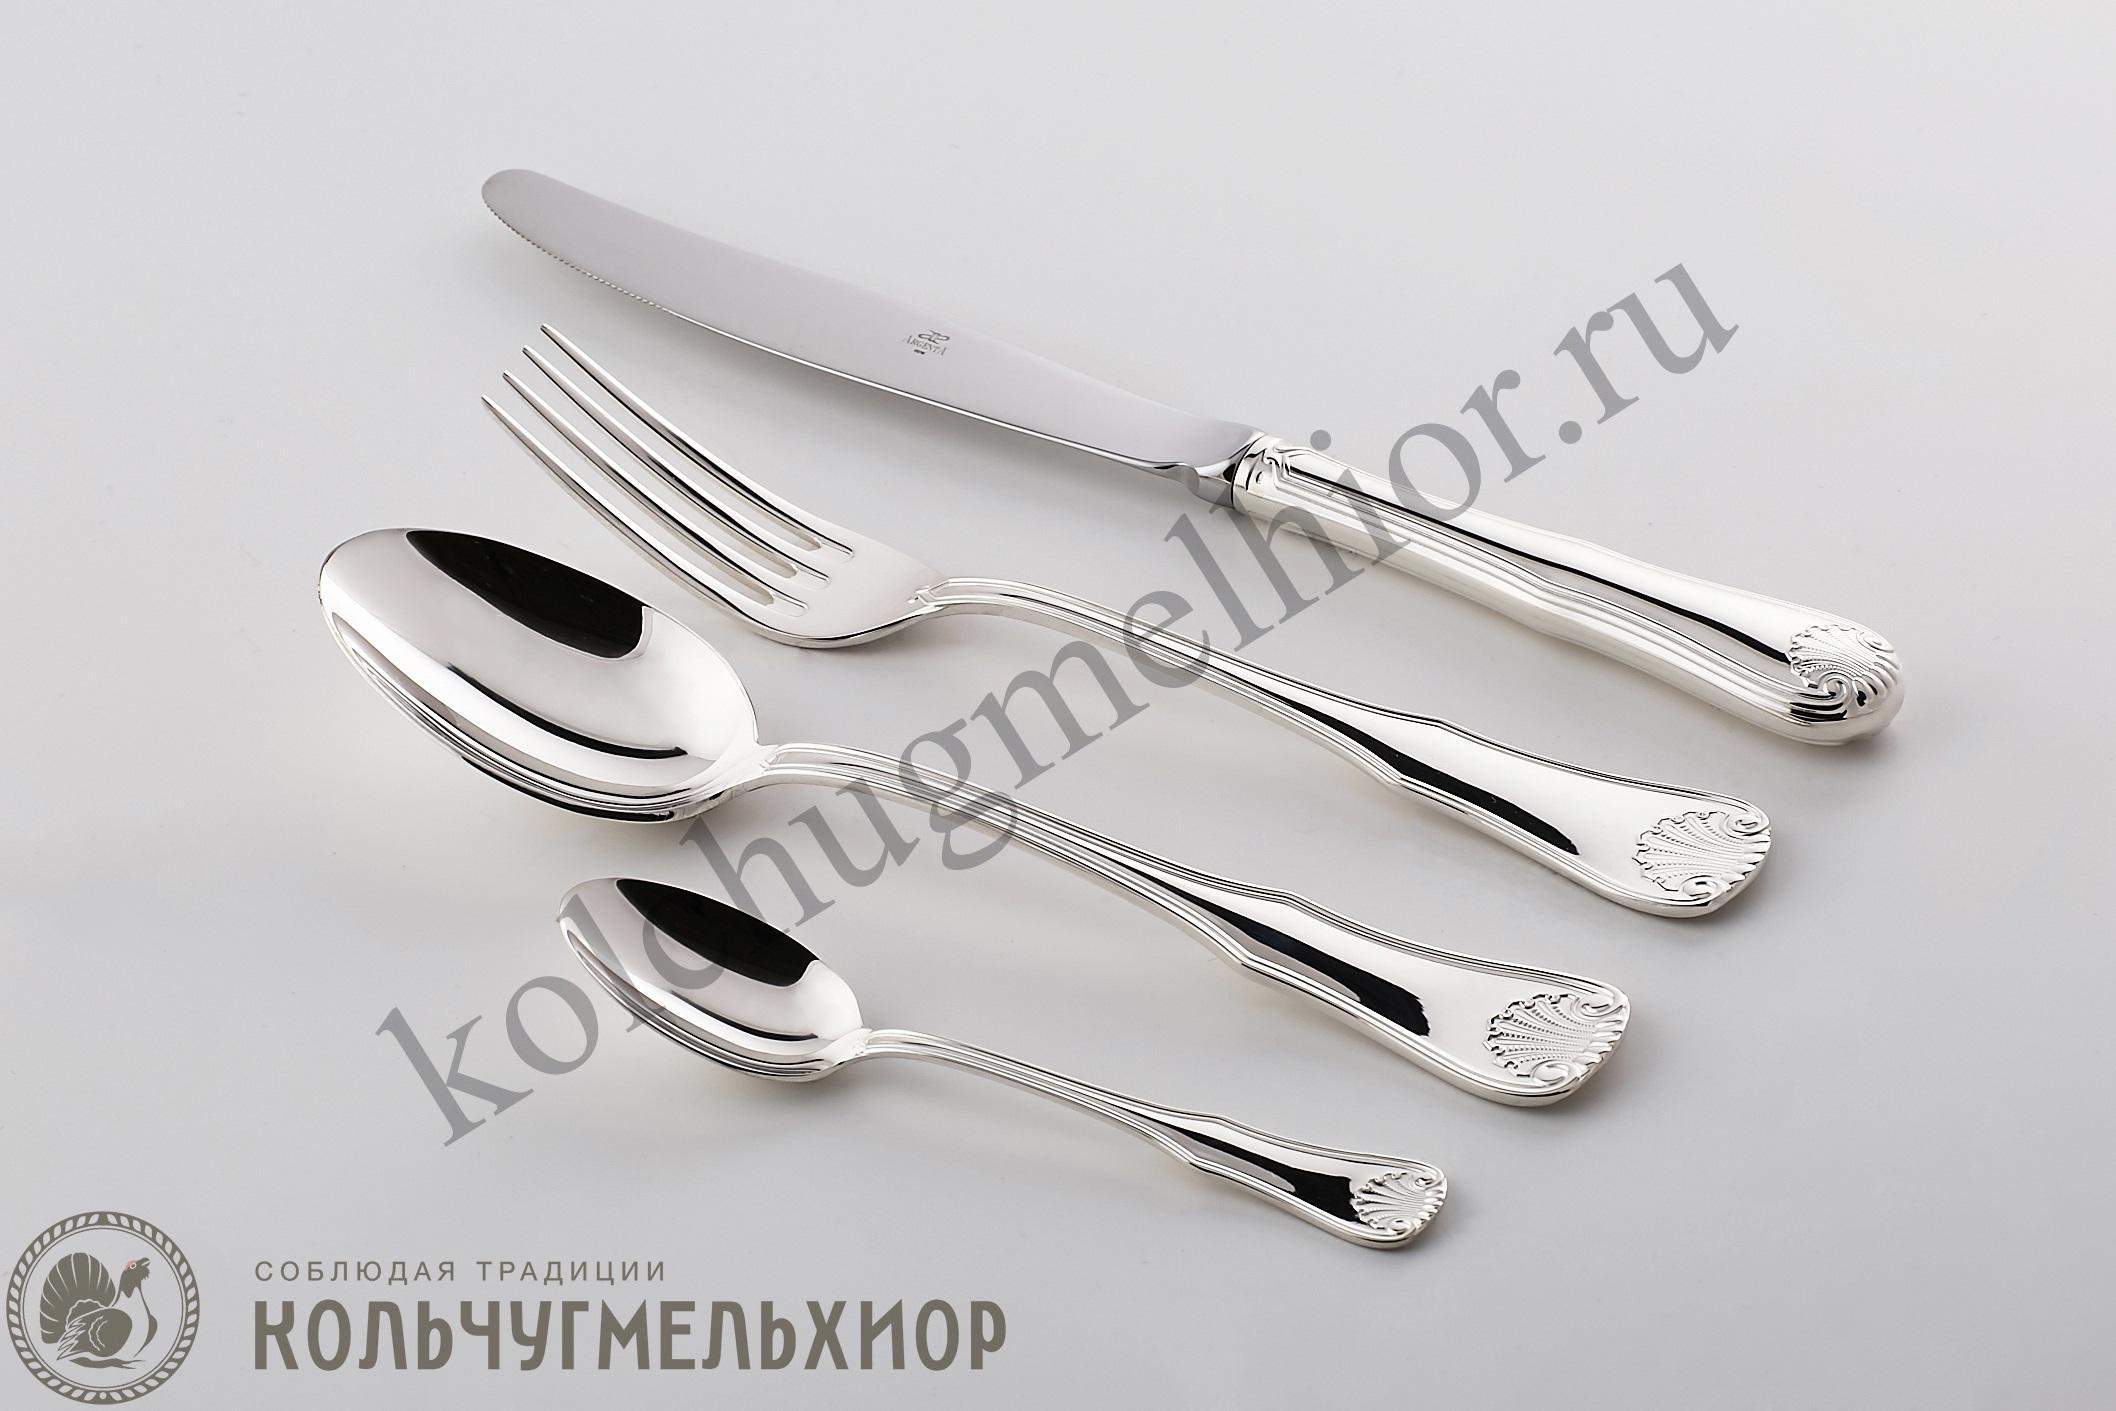 столовое серебро приборы, Кольчугино столовые приборы серебро